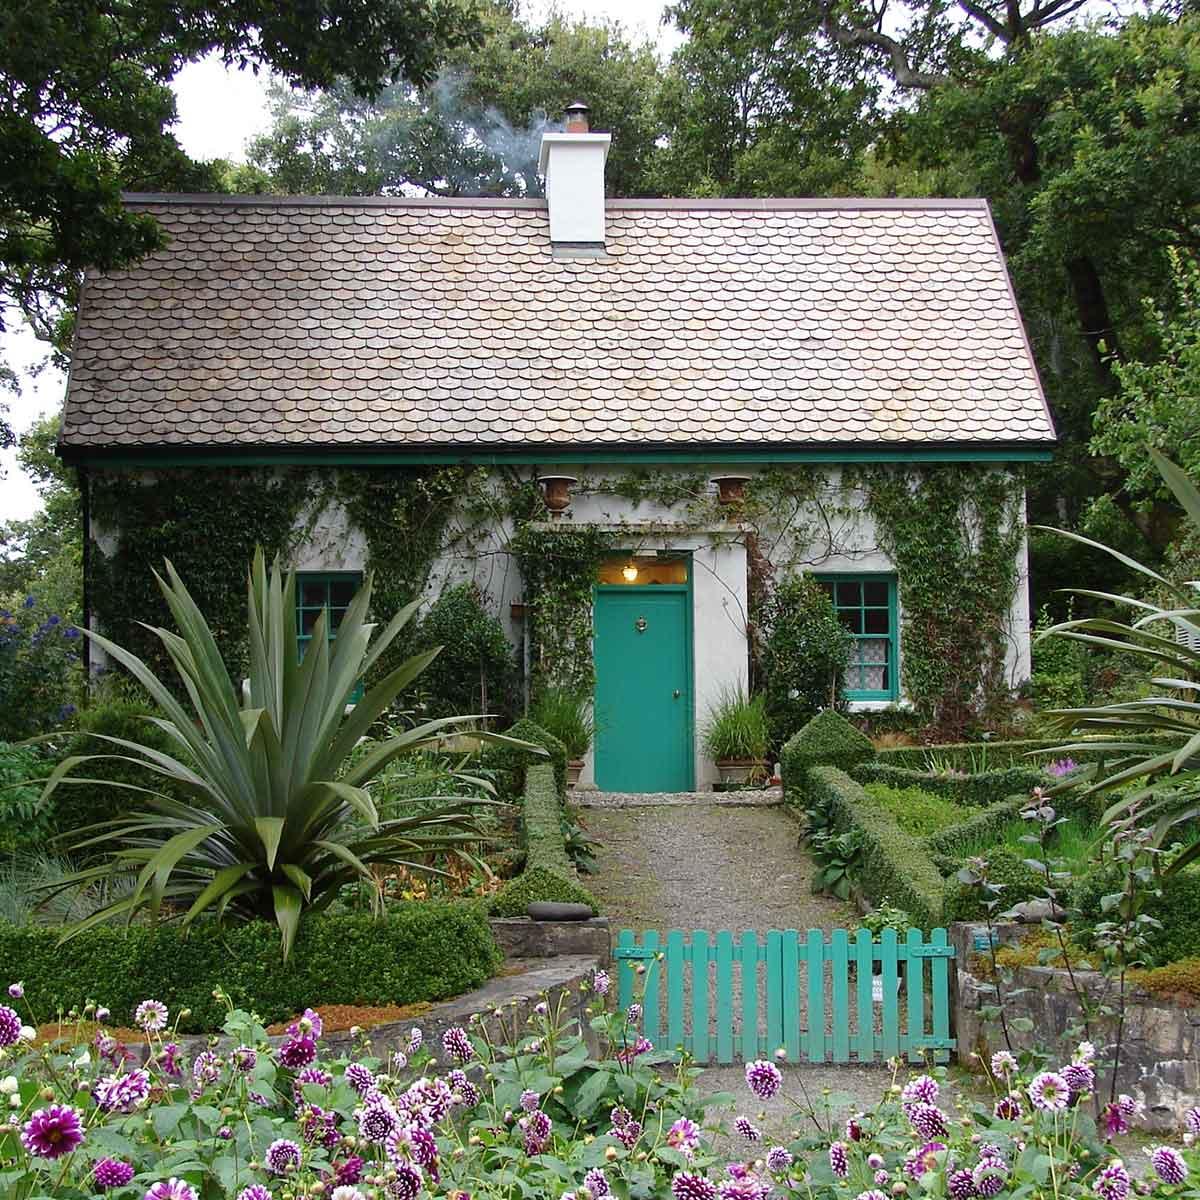 Jardines habitables y ecológicos, un diseño sustentable